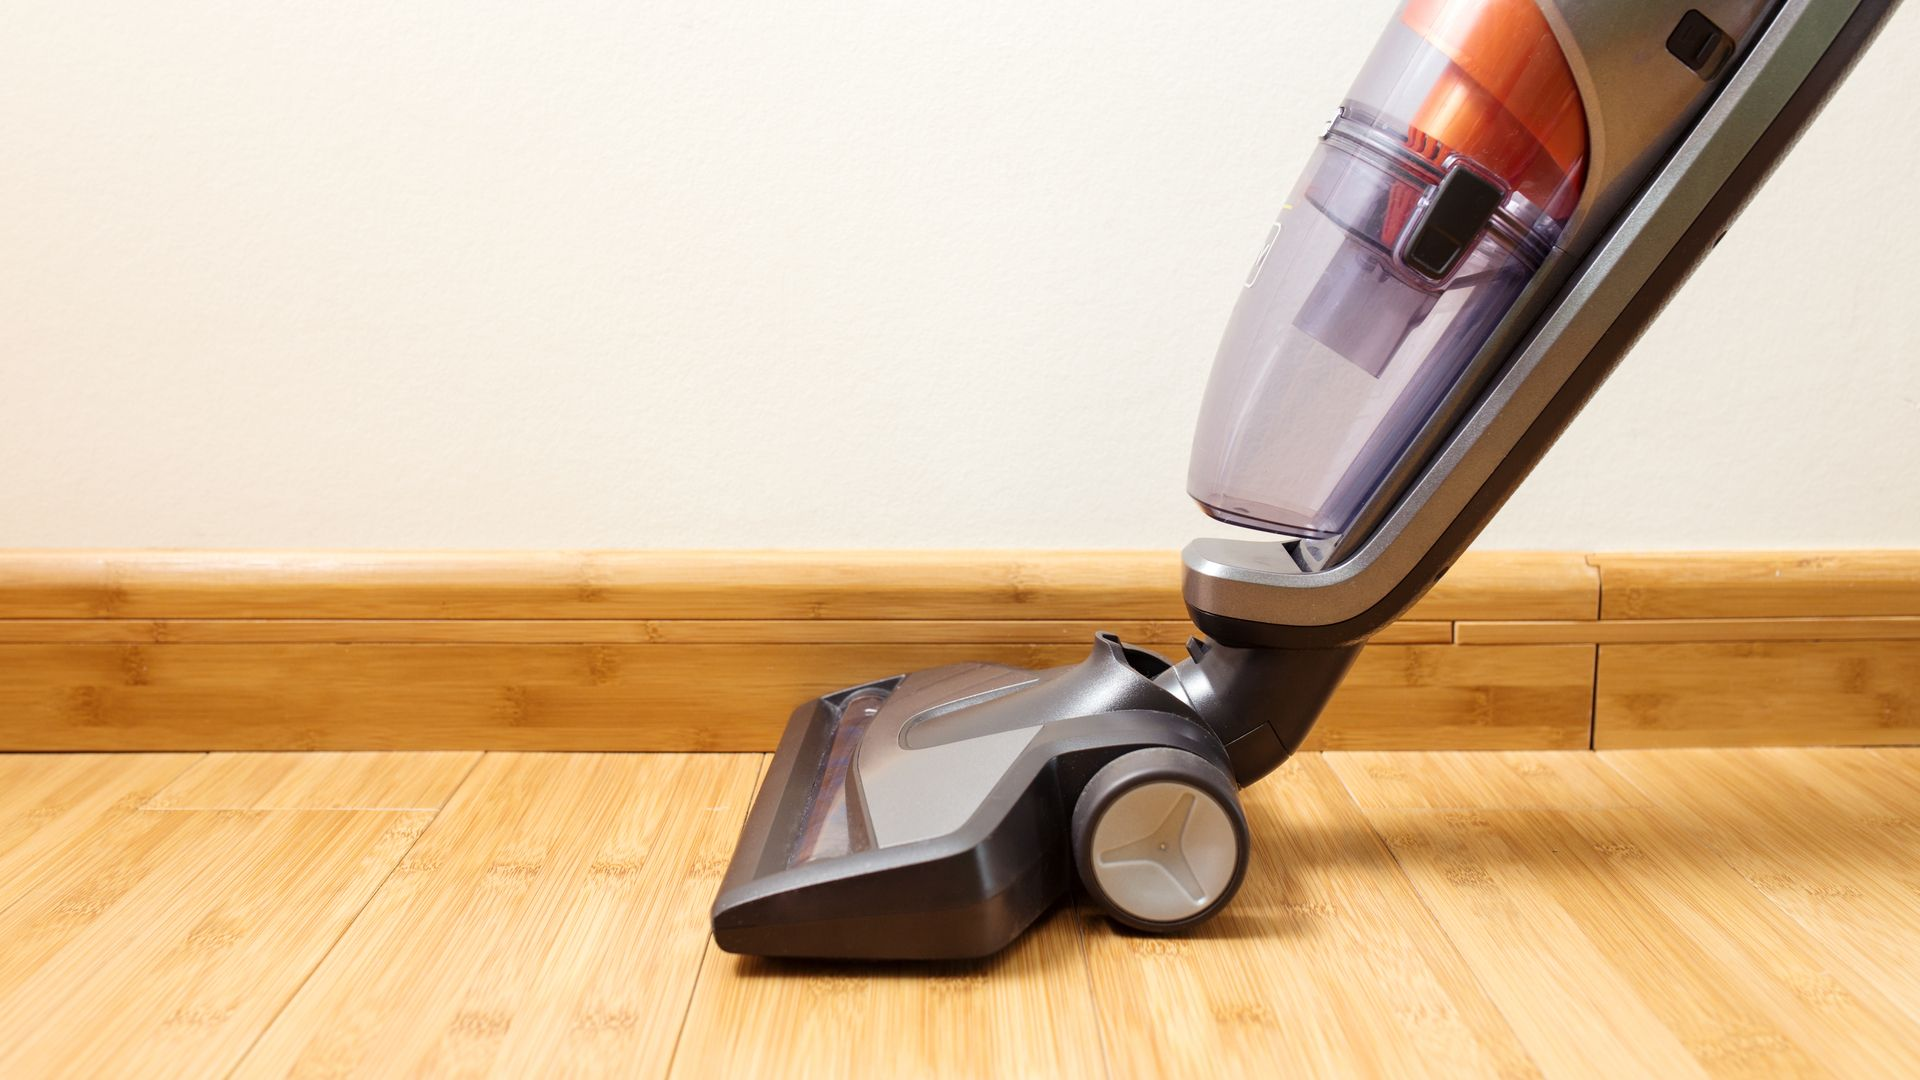 A maioria dos modelos de aspirador de pó vertical conseguem também ser portáteis. (Imagem: Kostenko Maxim/Shutterstock)